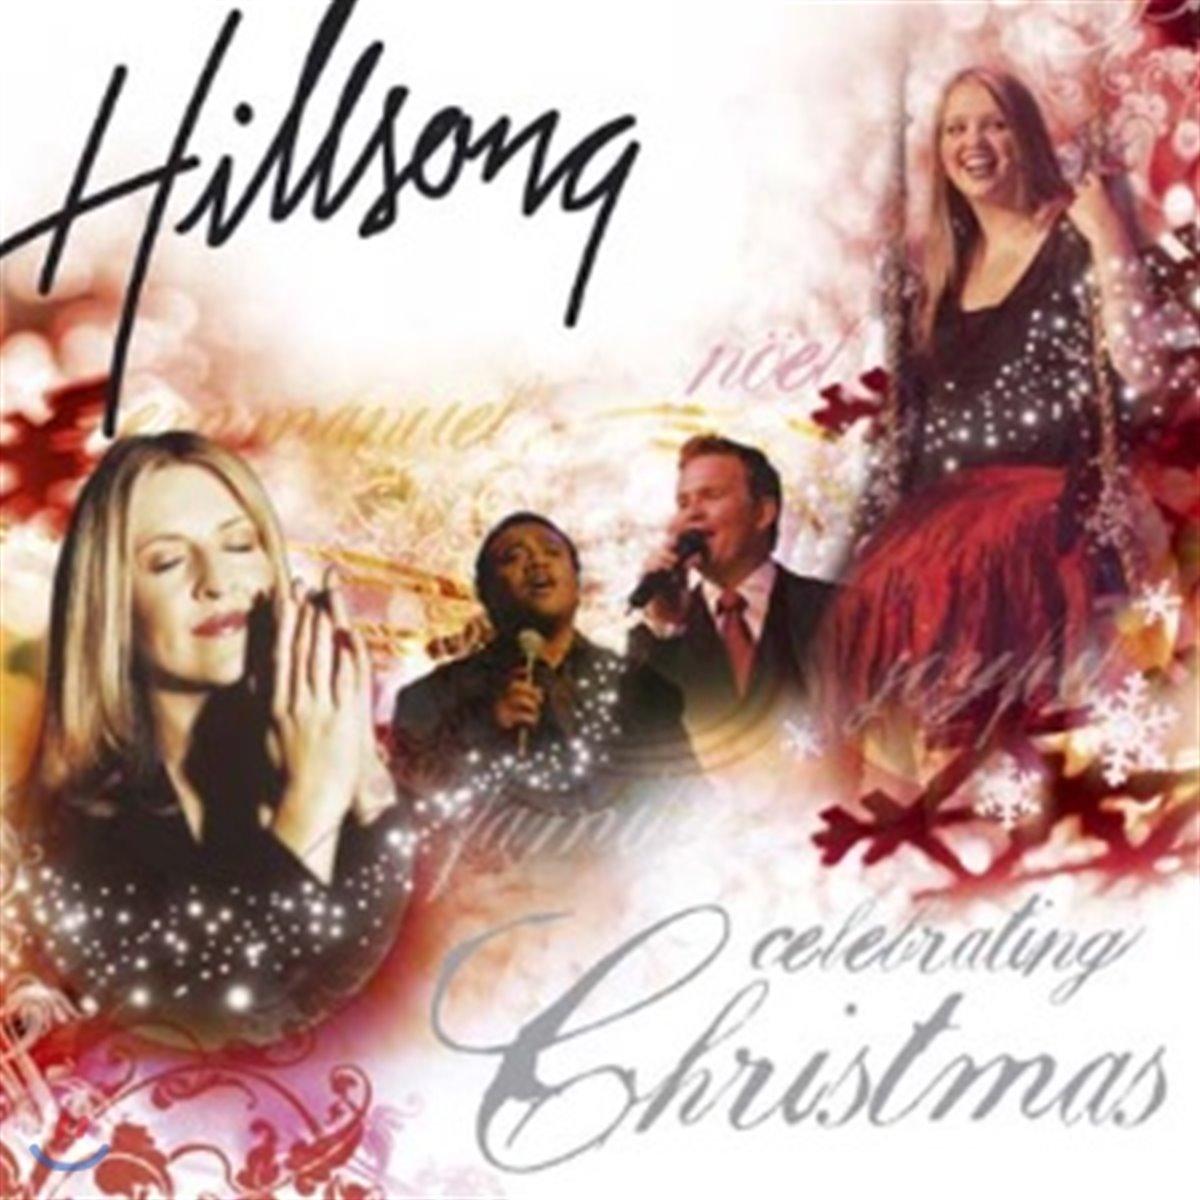 Hillsong Christmas - Celebrating Christmas 힐송 크리스마스